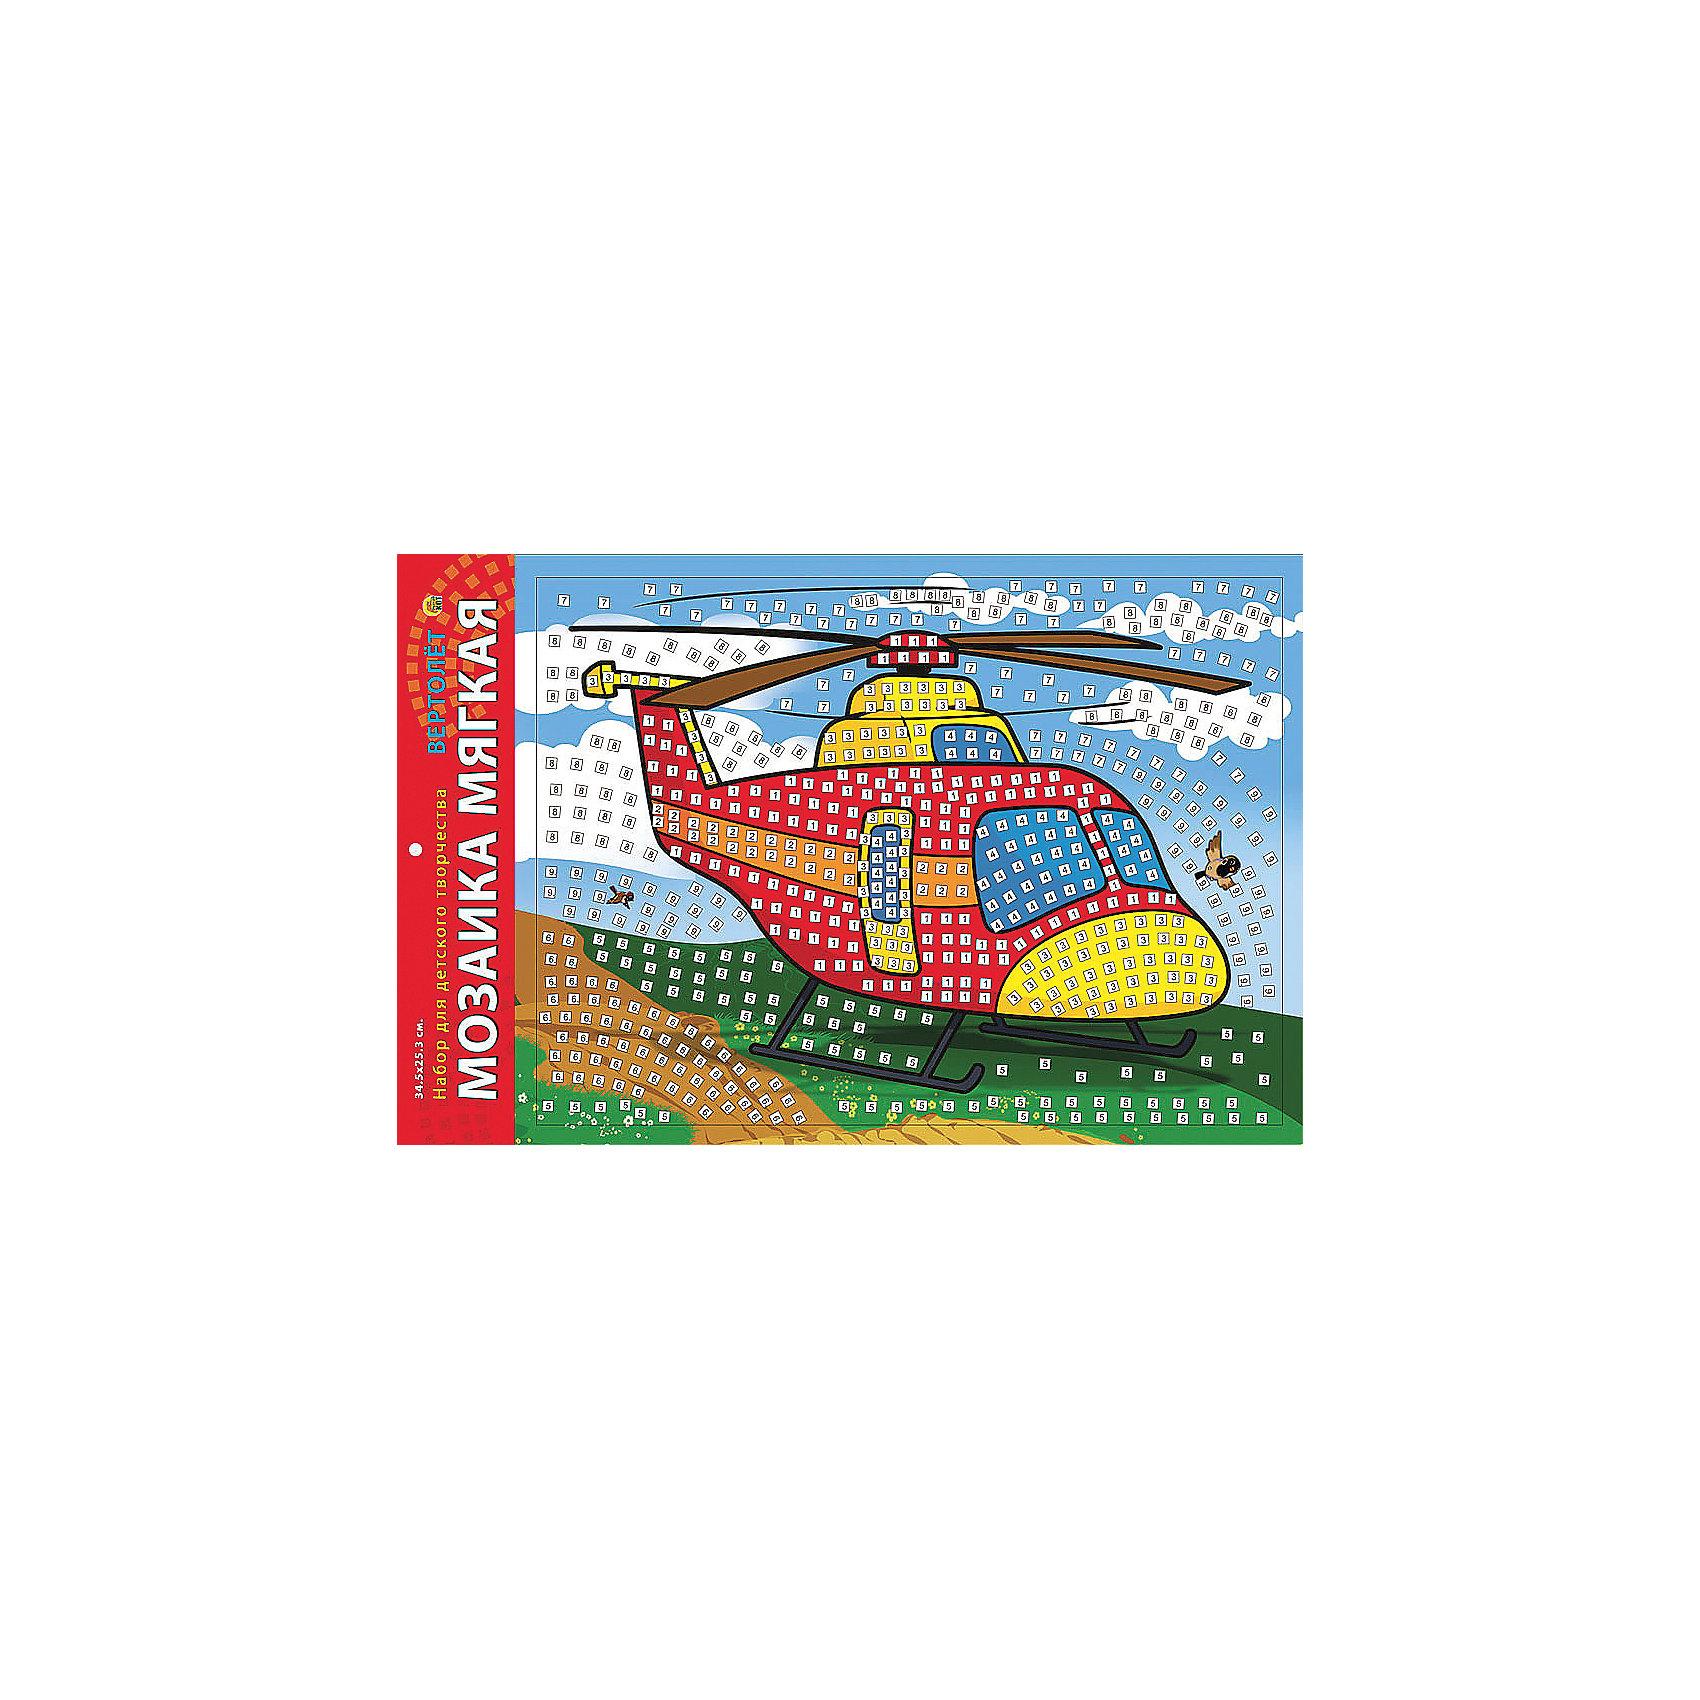 Издательство Рыжий кот Мягкая мозаика Вертолет, формат А3 (34.5х25 см) издательство рыжий кот мягкая мозаика обезьянка формат а5 21х15 см